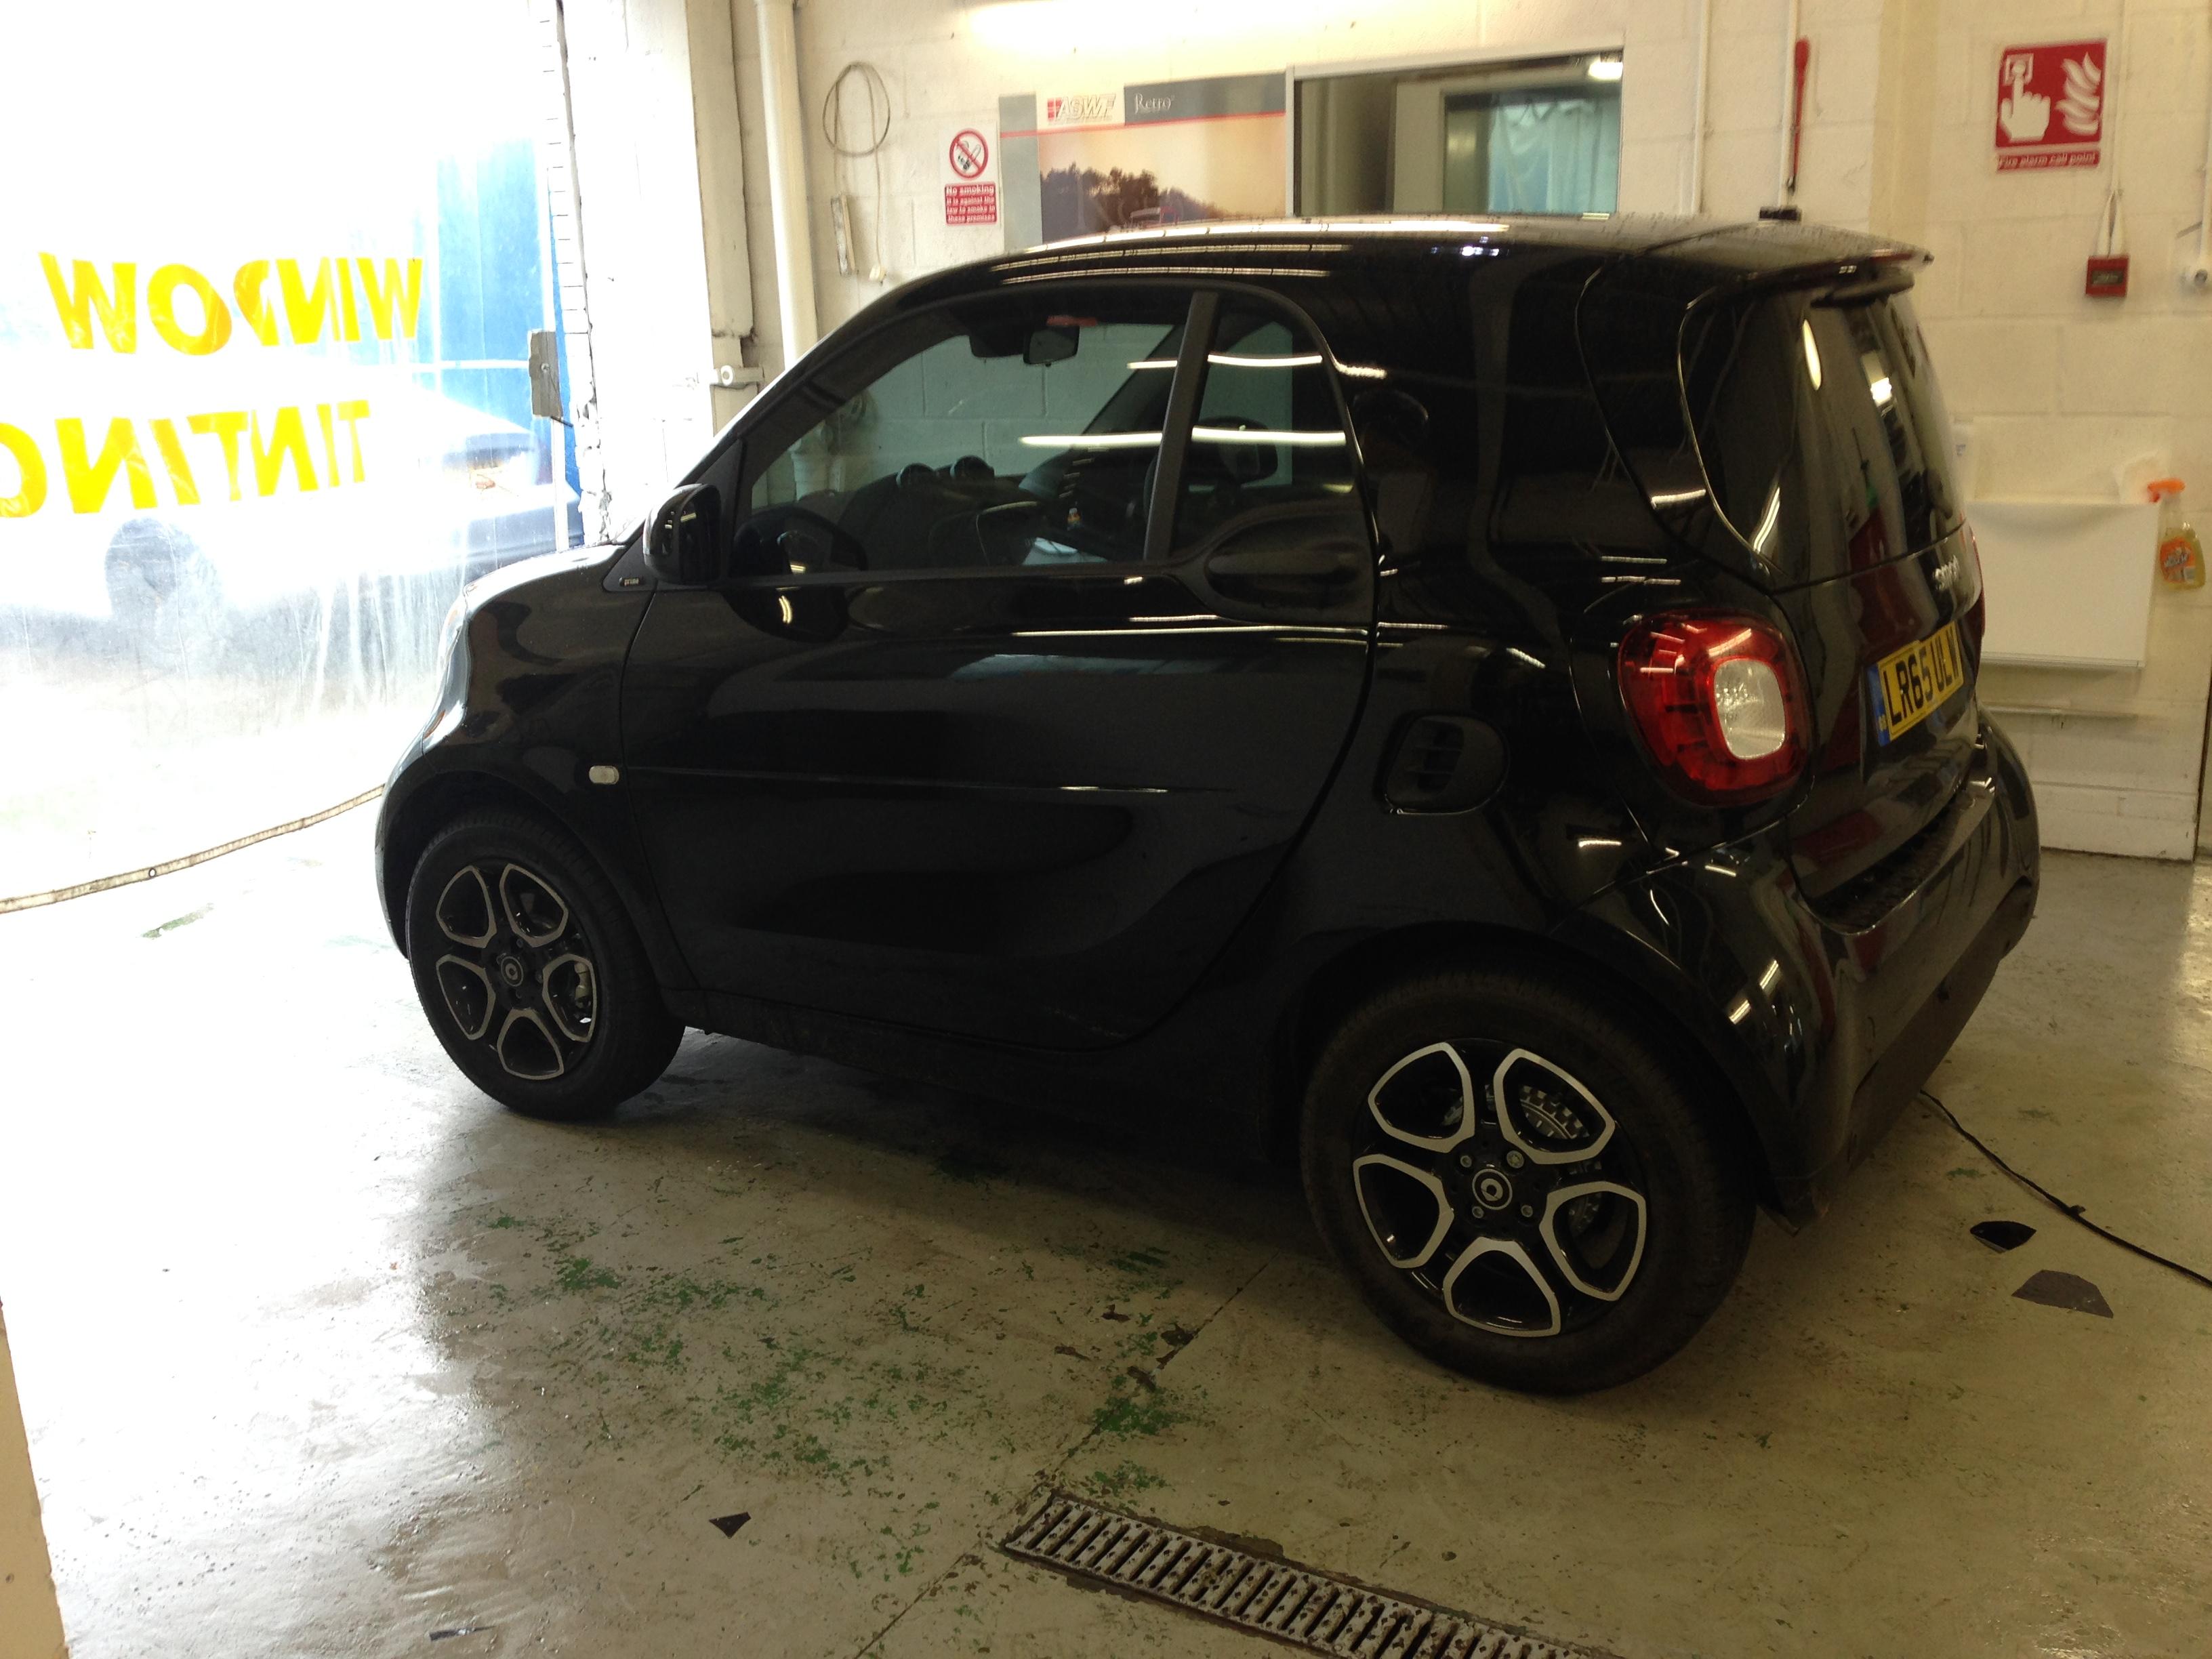 #smartcar #brabus #smallcar #windowtinting #chiswick #carwindowtinting